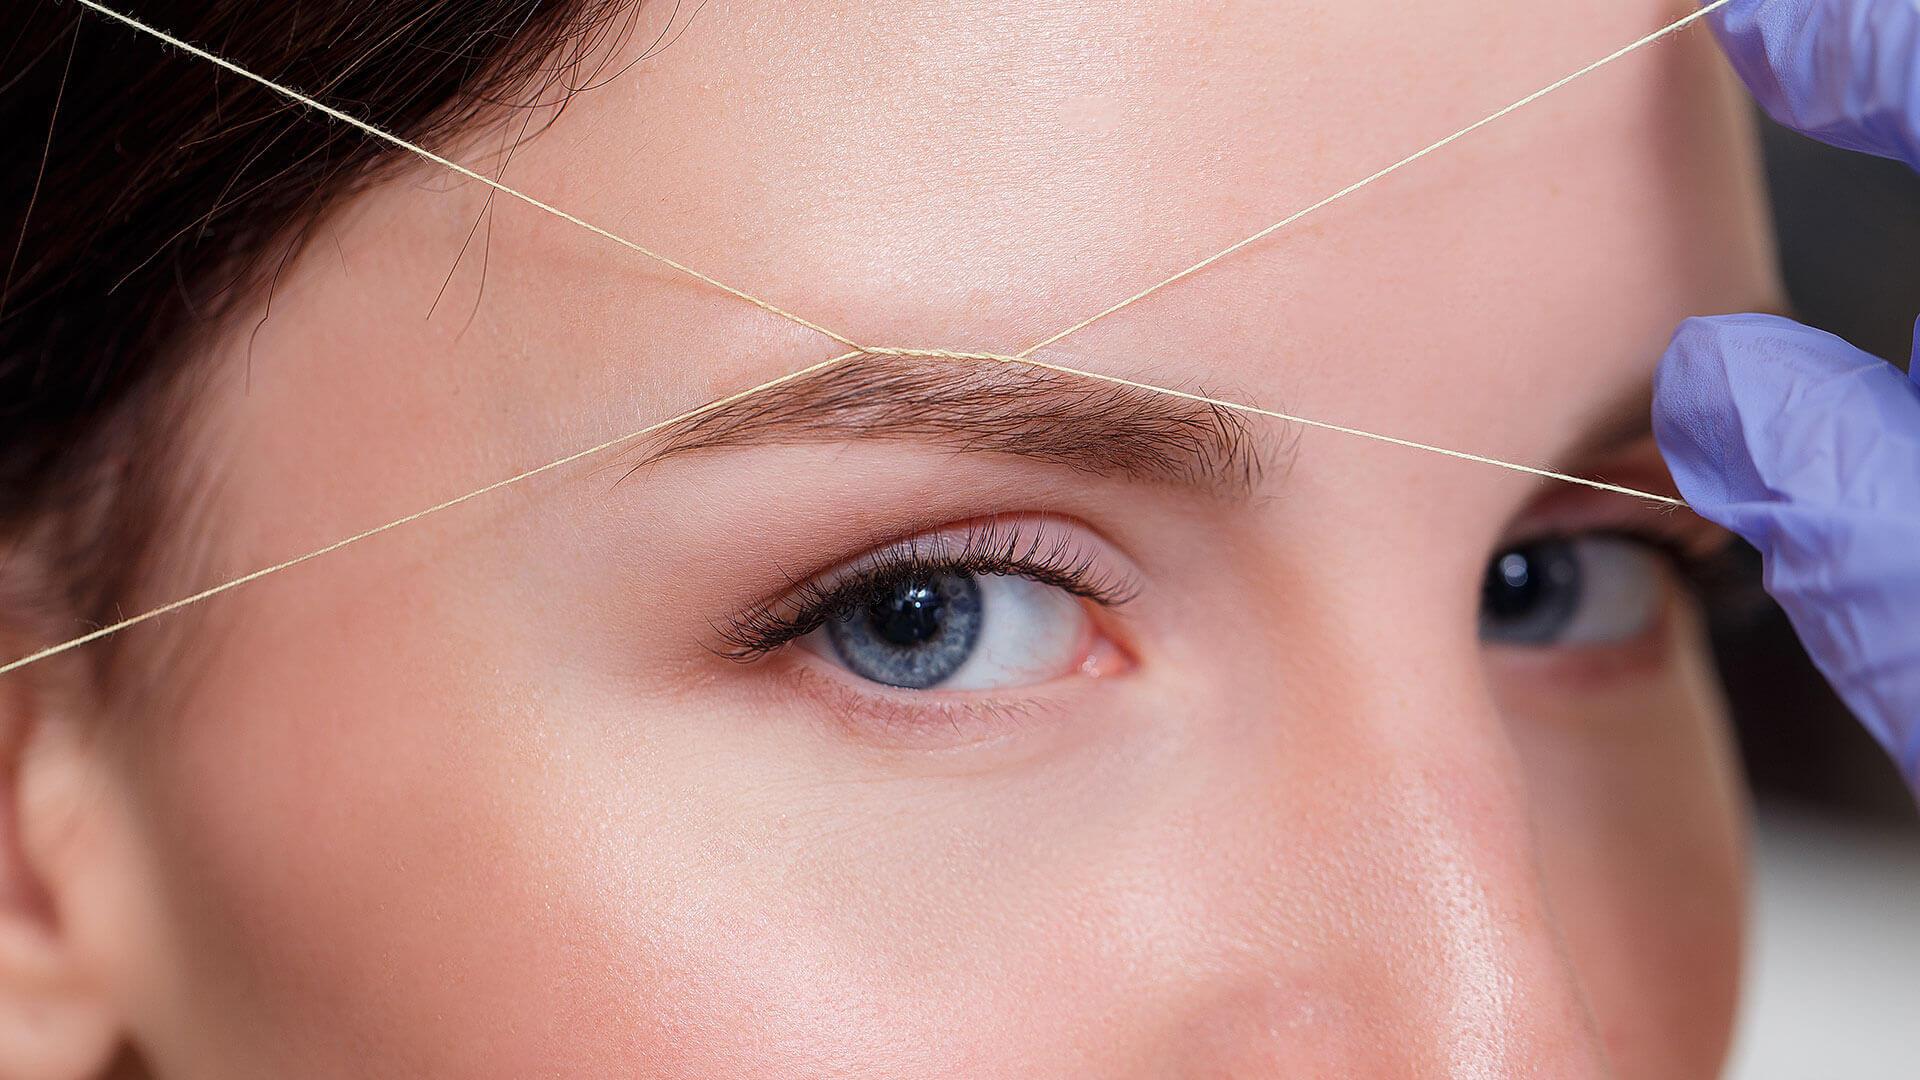 Что такое тридинг: удаляем волосы с лица надёжно и аккуратно